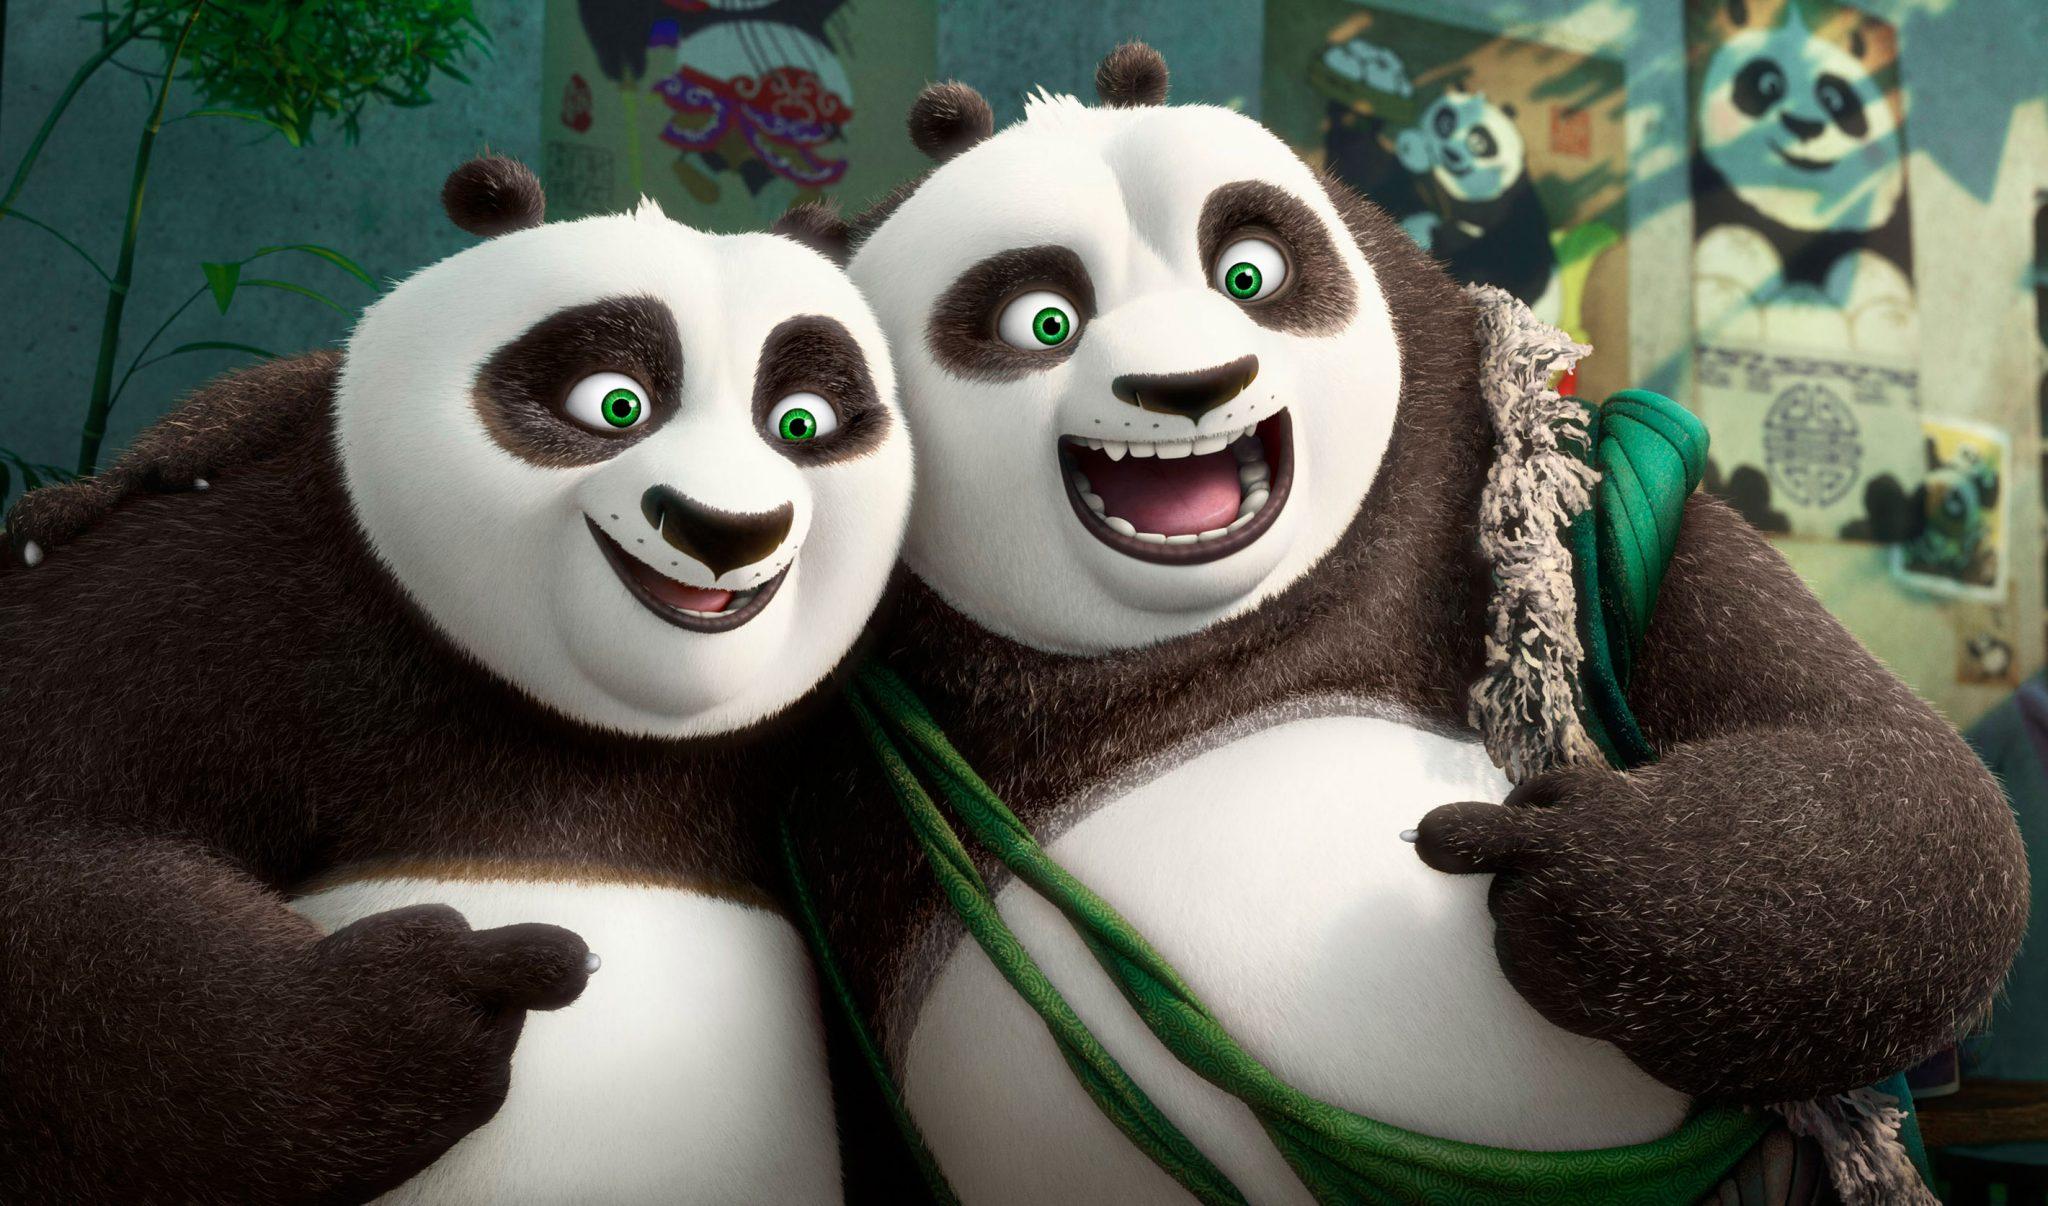 Kung Fu Panda 3 - Trailer 3